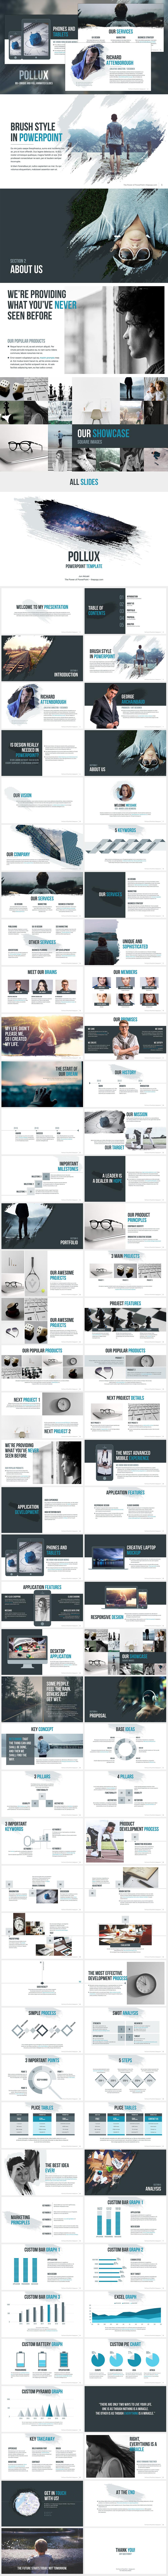 사업계획서/마케팅 플랜에 좋은 무료 파워포인트(PPT) 템플릿 - Free Powerpoint(PPT) Template Good For Business/Marketing Presentation